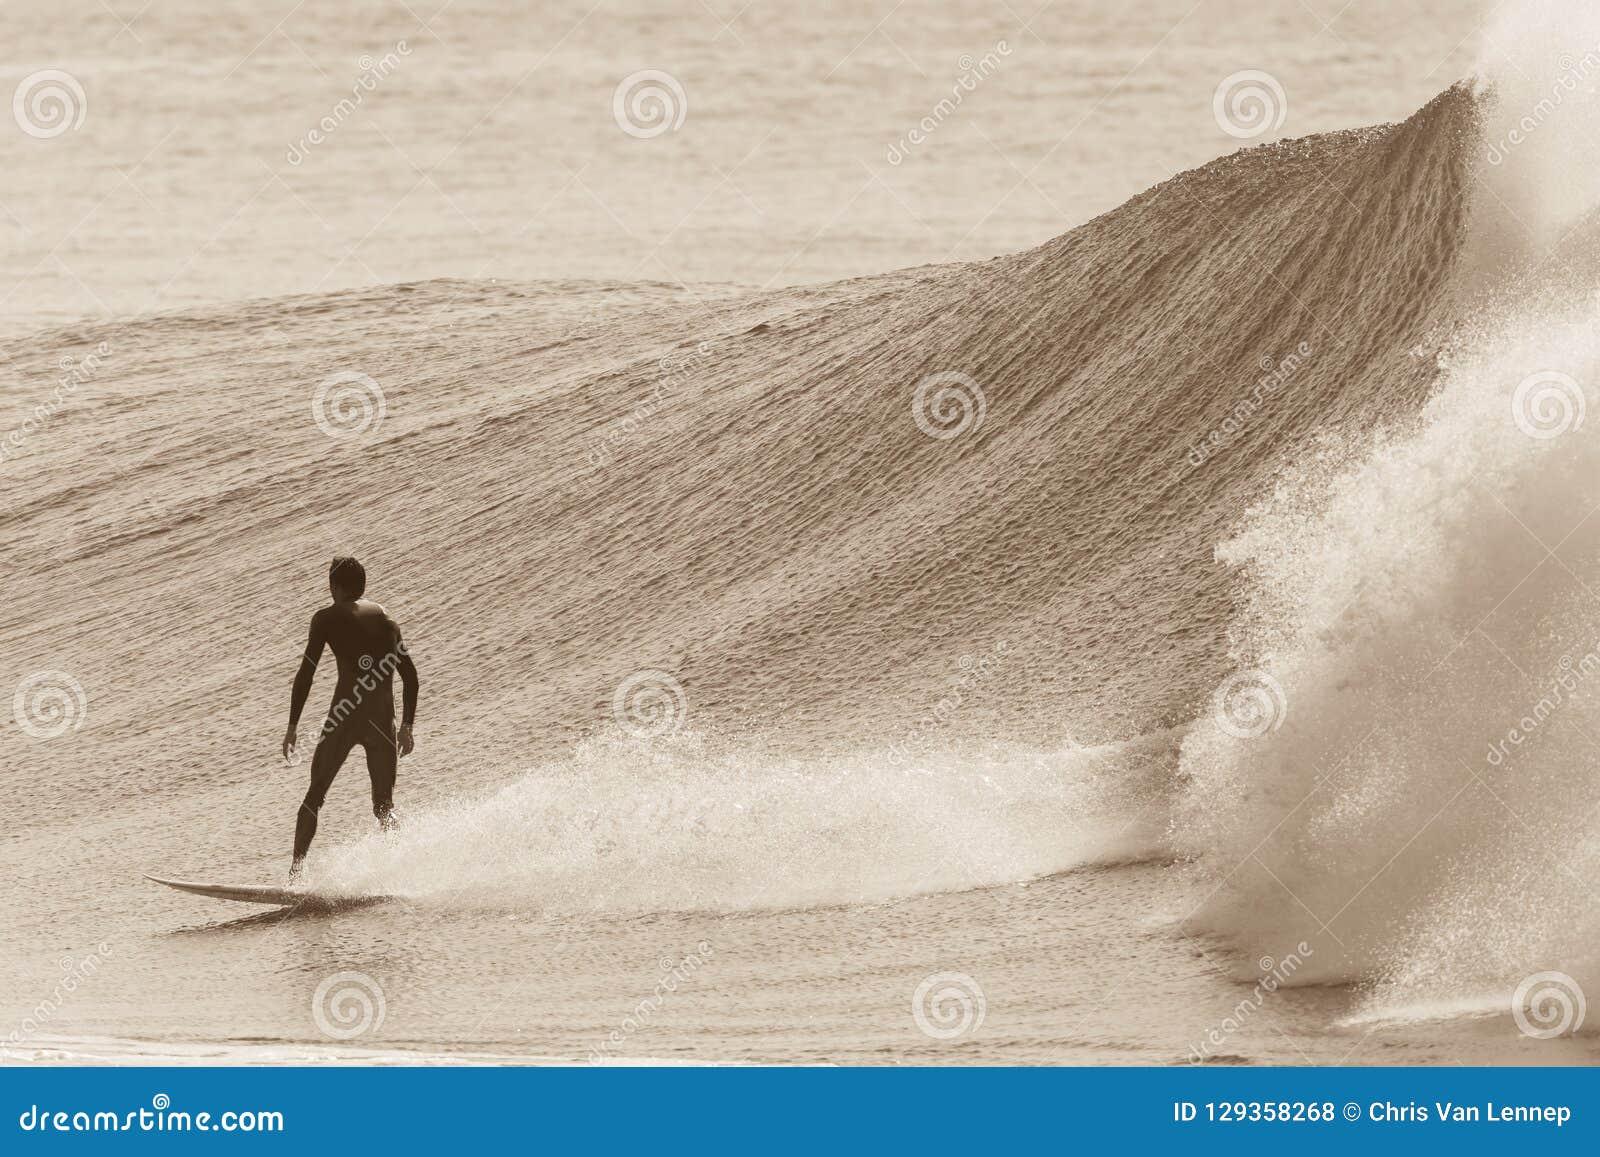 Surfer het Surfen Sepia Golfactie